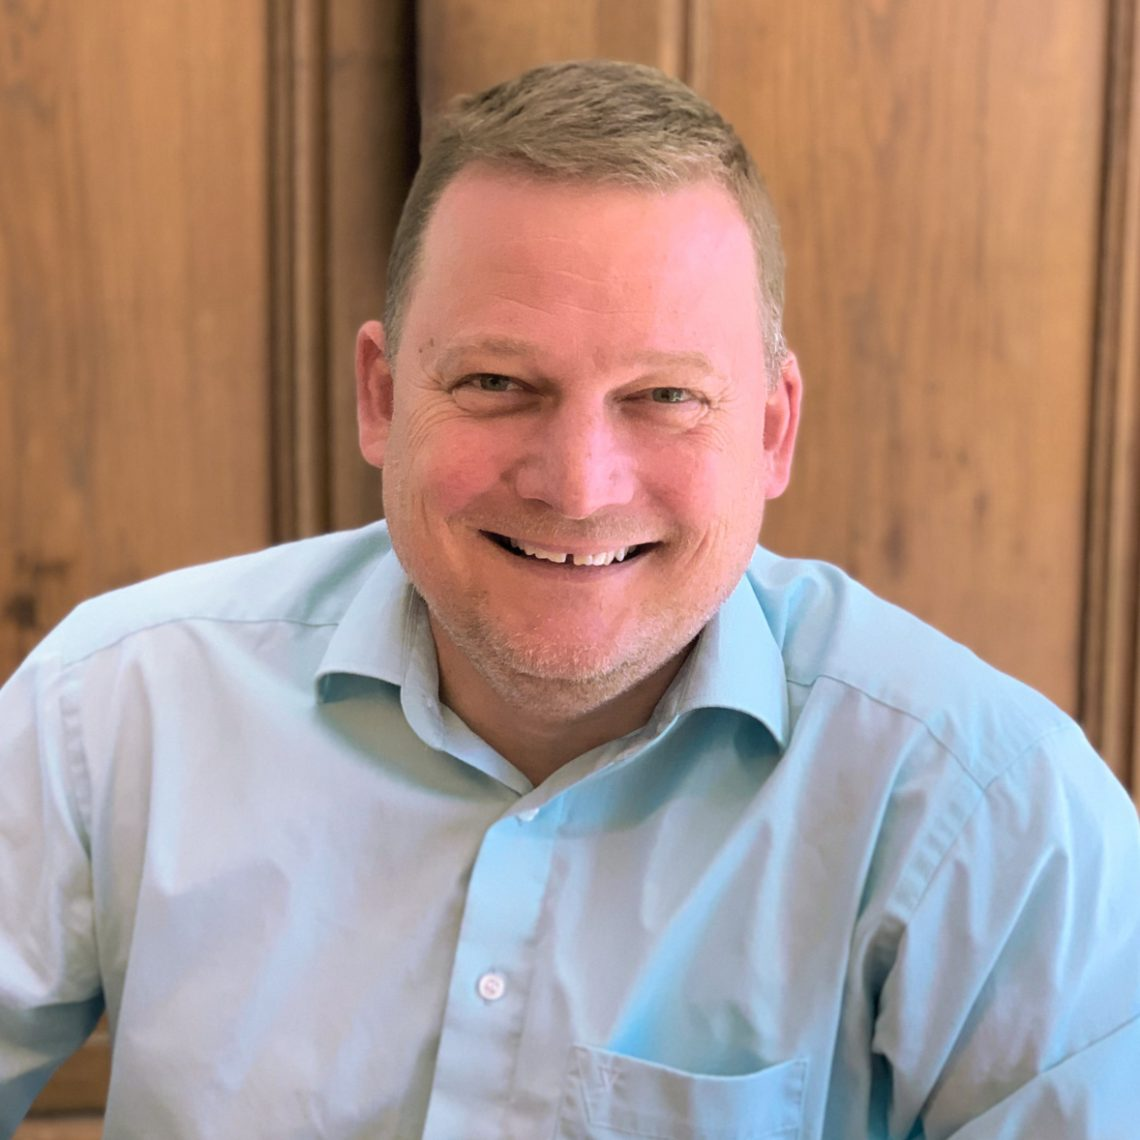 Thorsten Klatt van Eupen